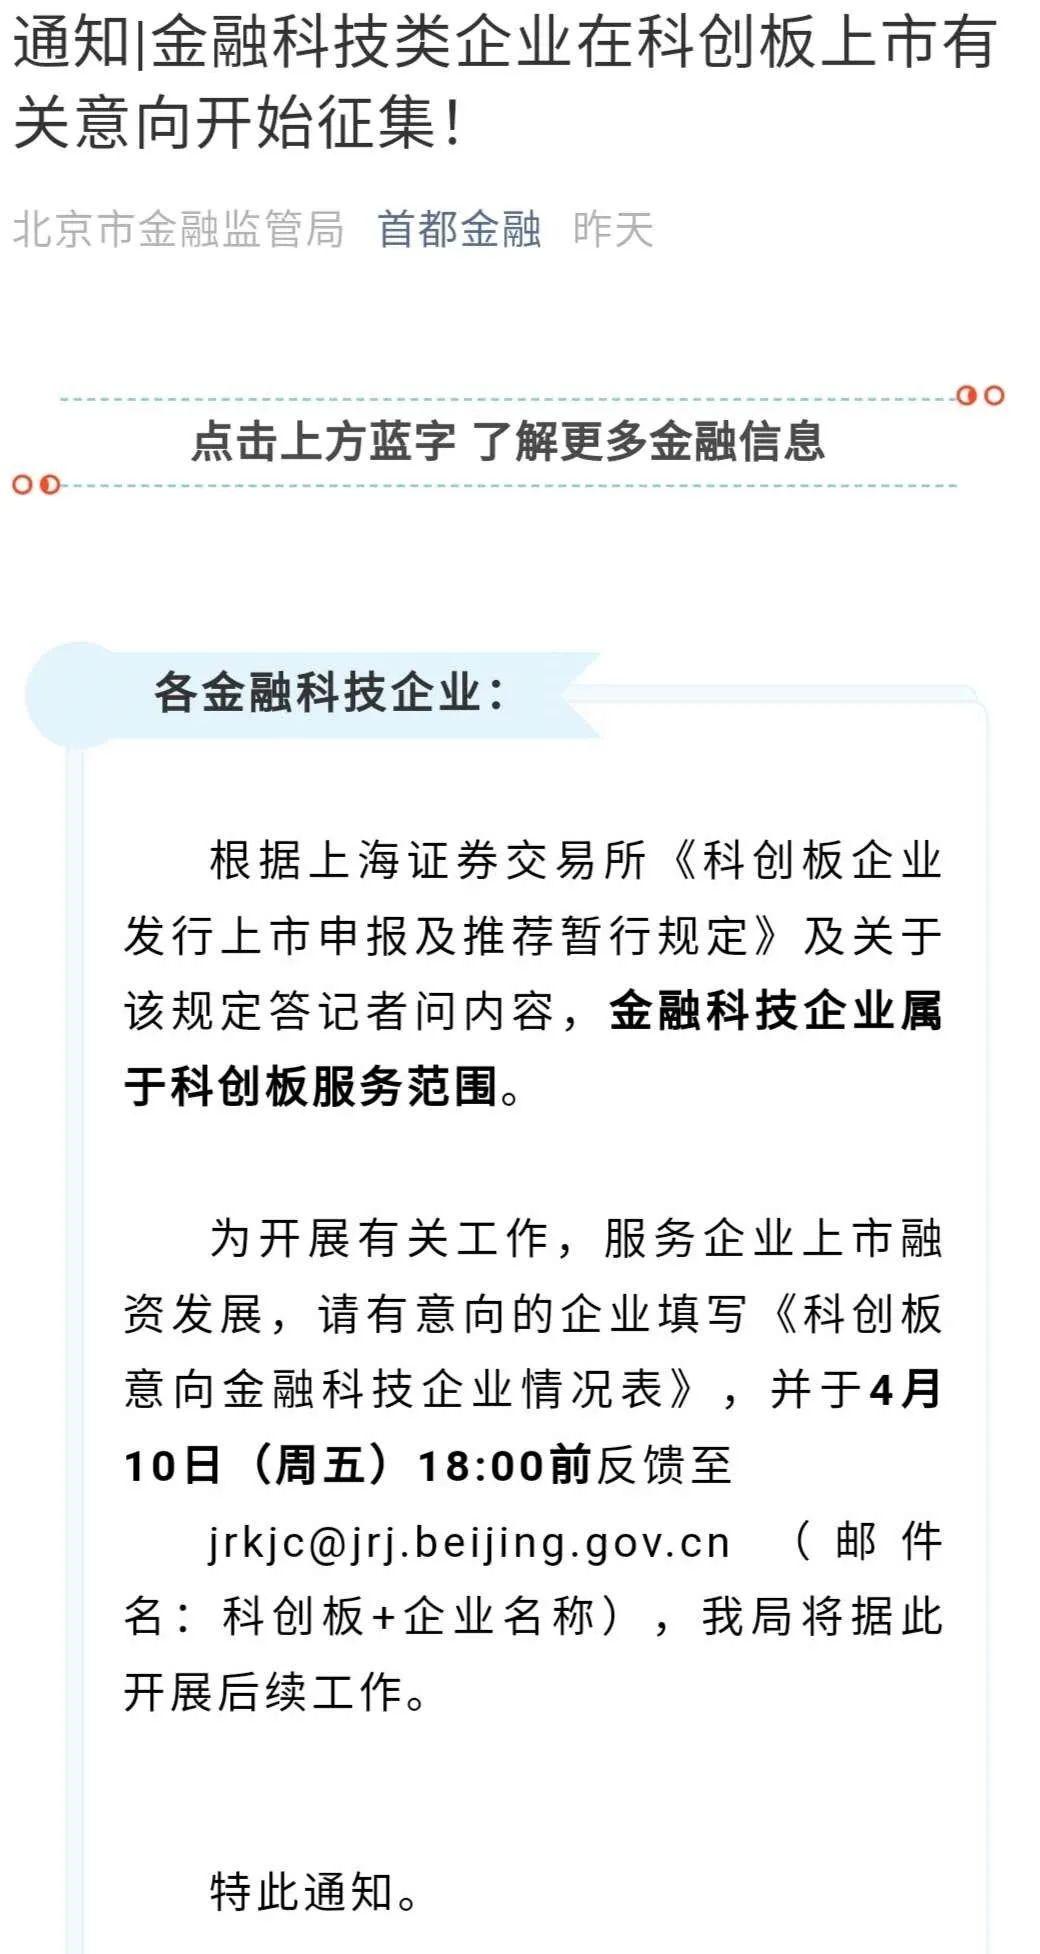 图片:北京市金融监管局微信公众号